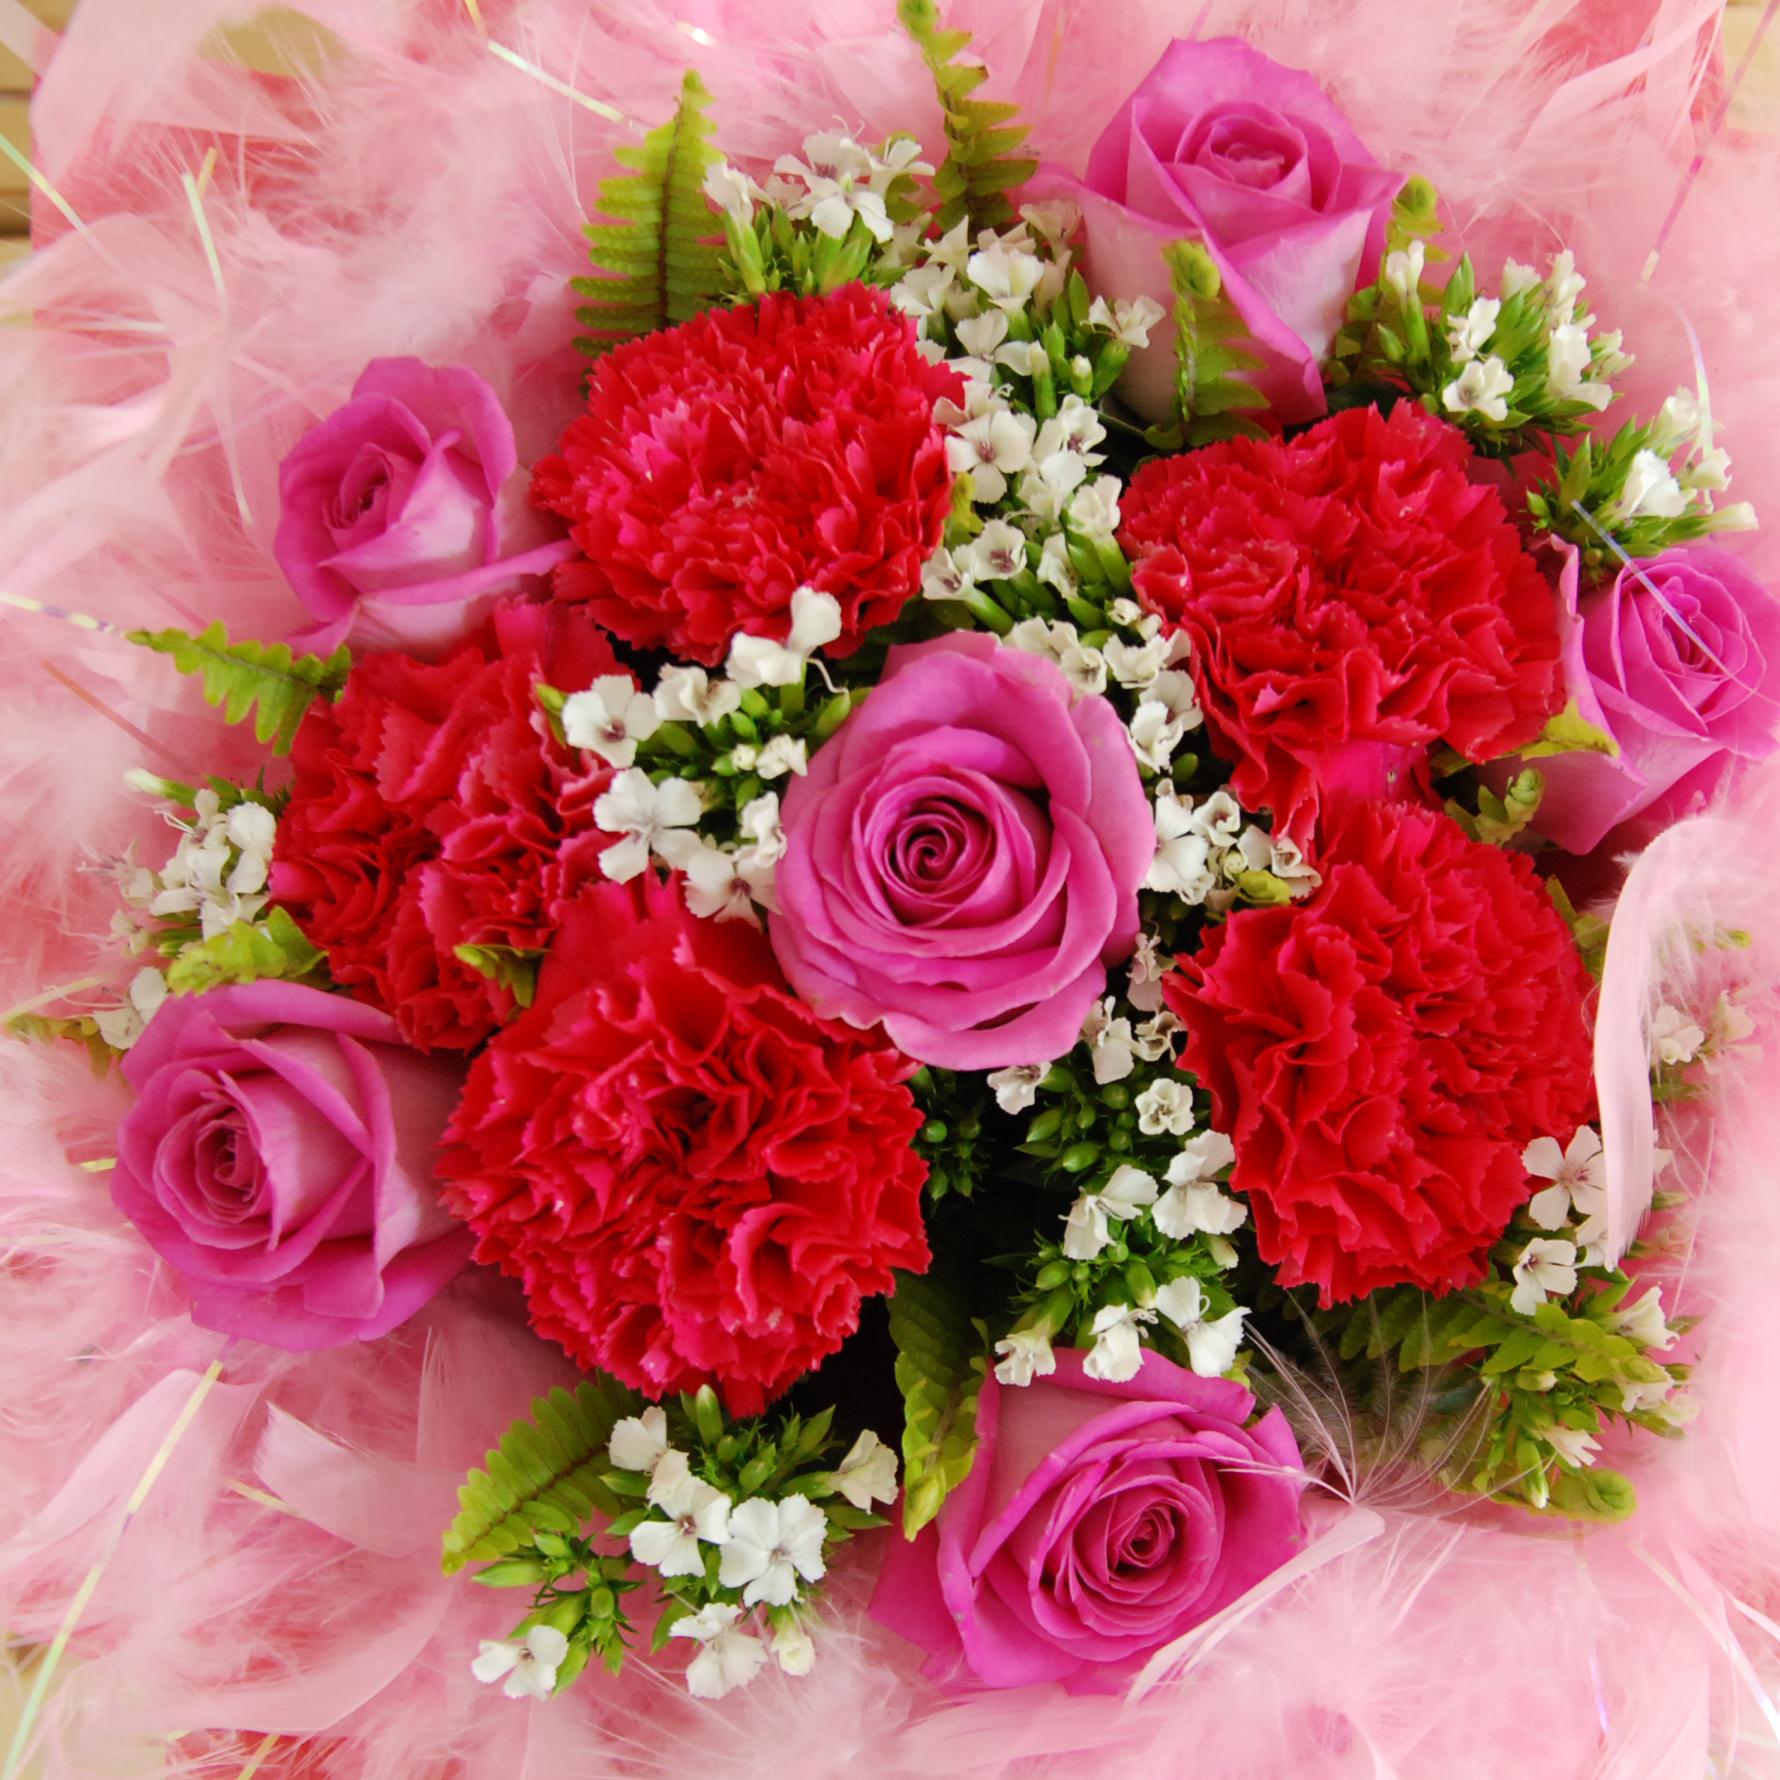 【巧繪網-FH060332可愛媽媽】=康乃馨花束/紫玫瑰花束/母親節花束/線上花店/母親節禮物